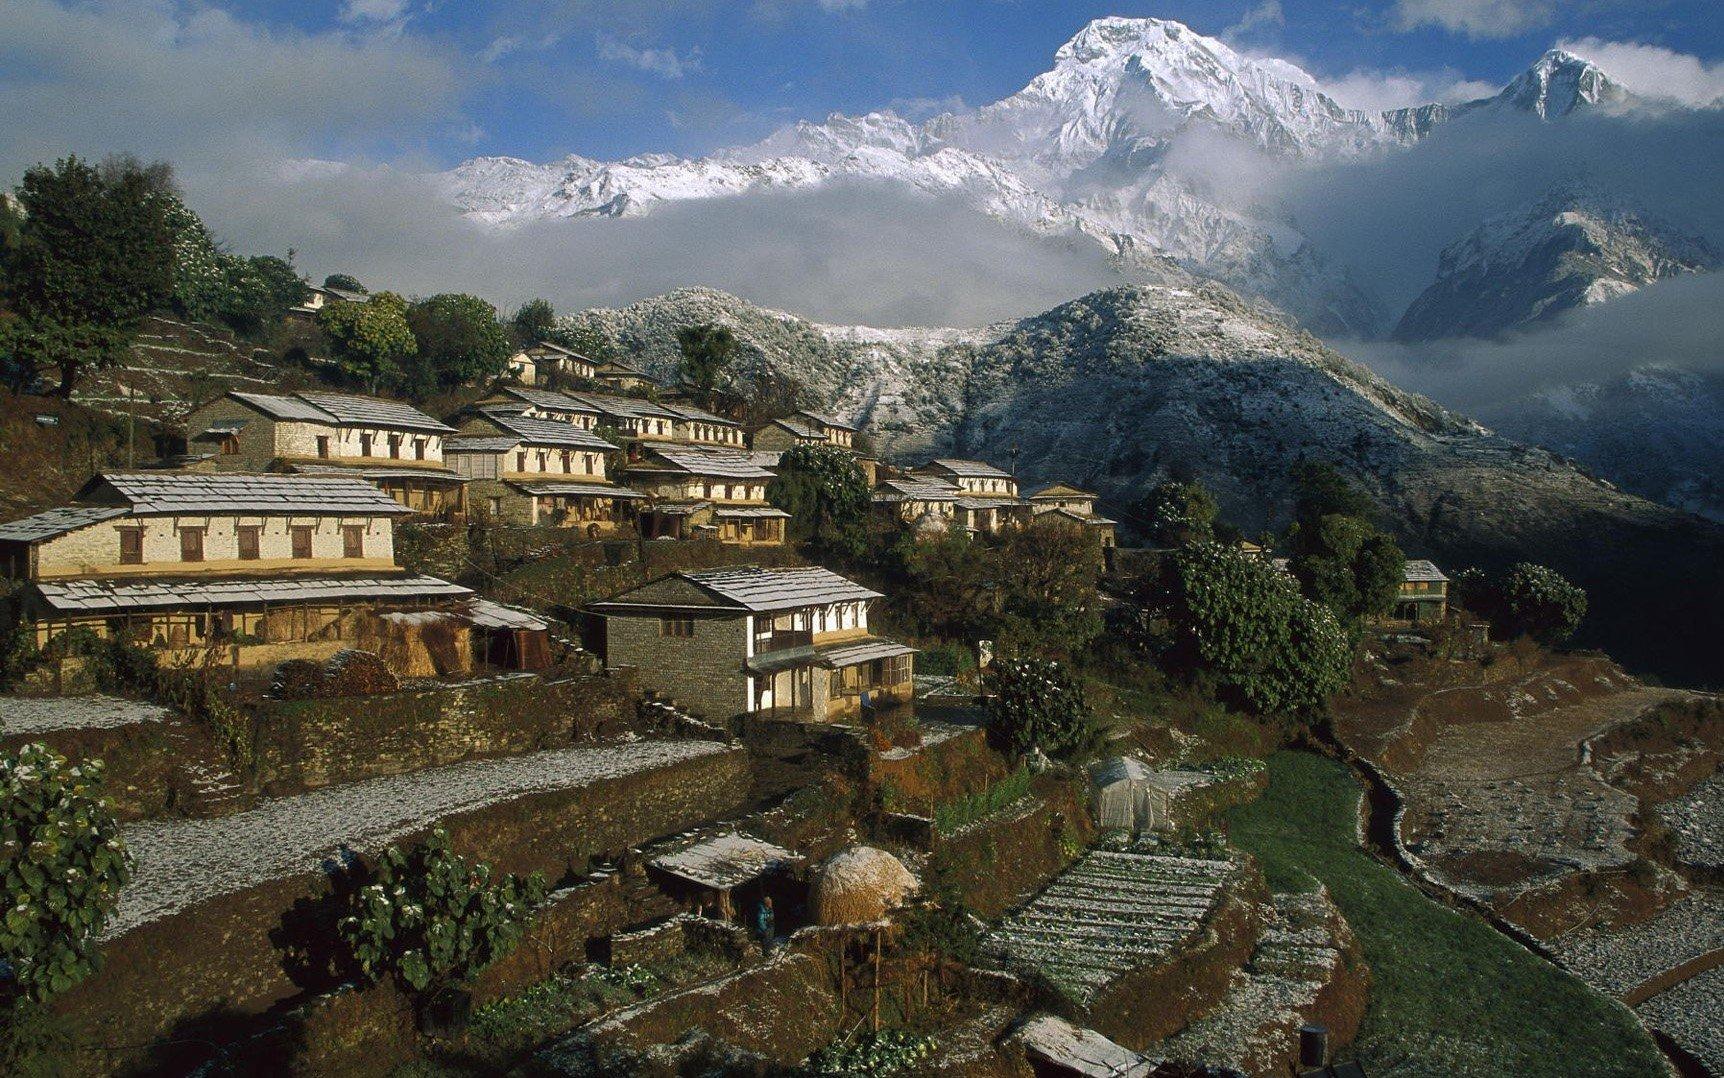 Himalayan Salleri Volunteer in Nepal - two weeks - Himalayan Region, Volunteering in Nepal Apply Now